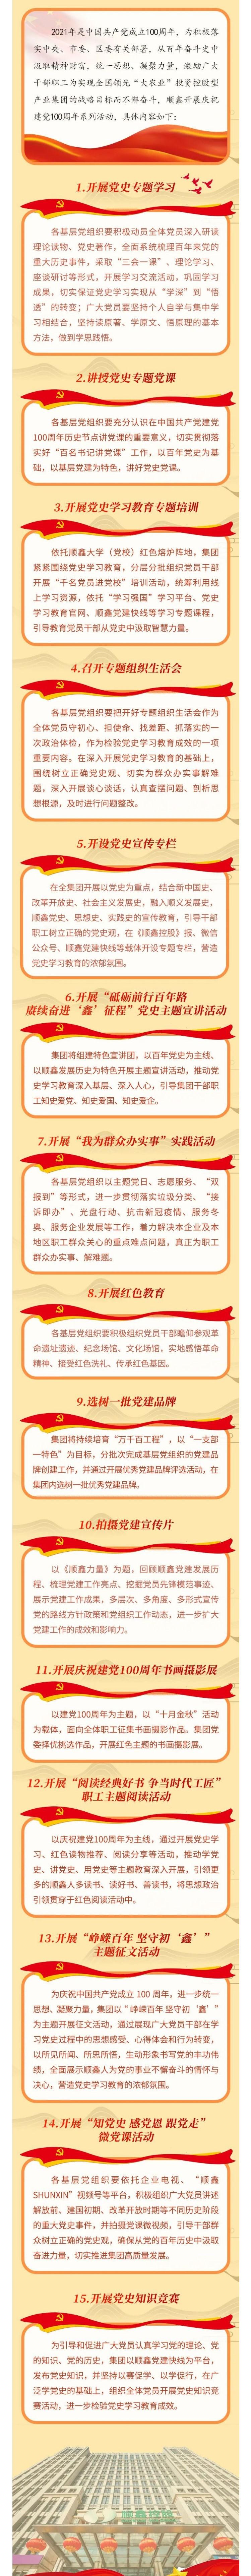 庆祝建党100周年,顺鑫这样做!_壹伴长图2.jpg